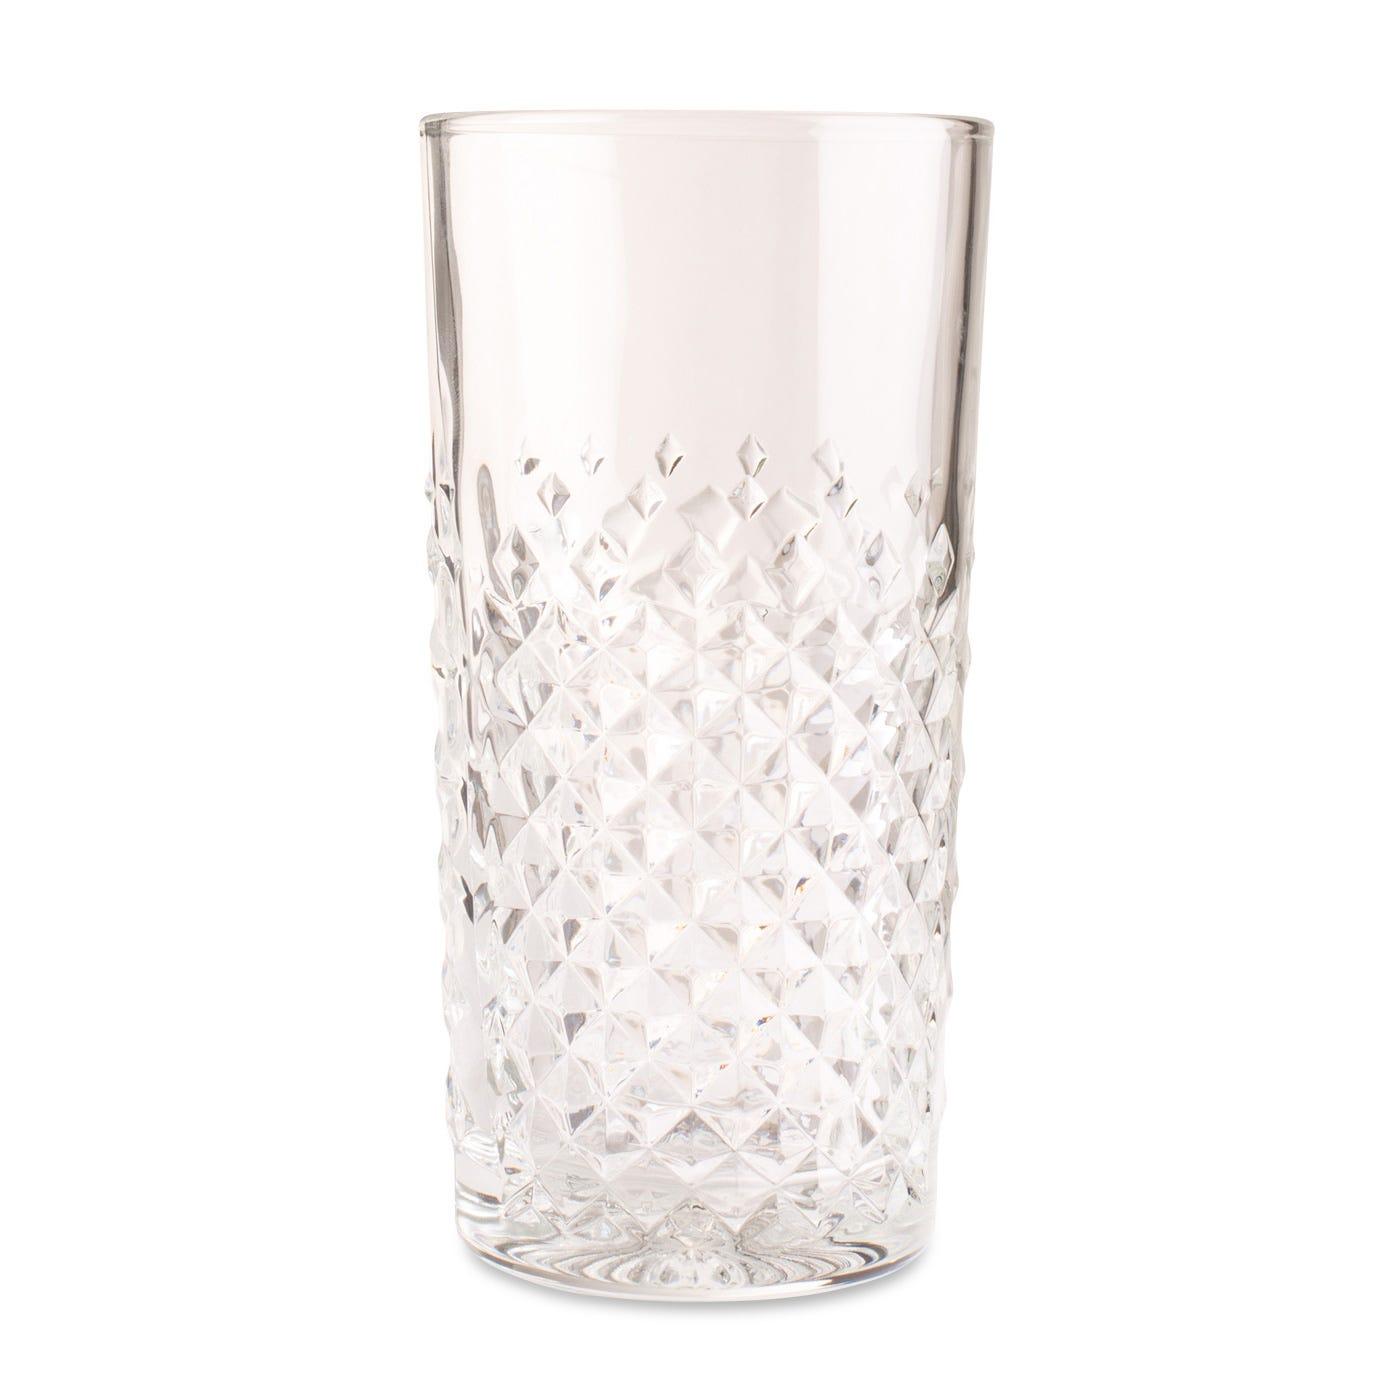 Carats Glass Hi-ball